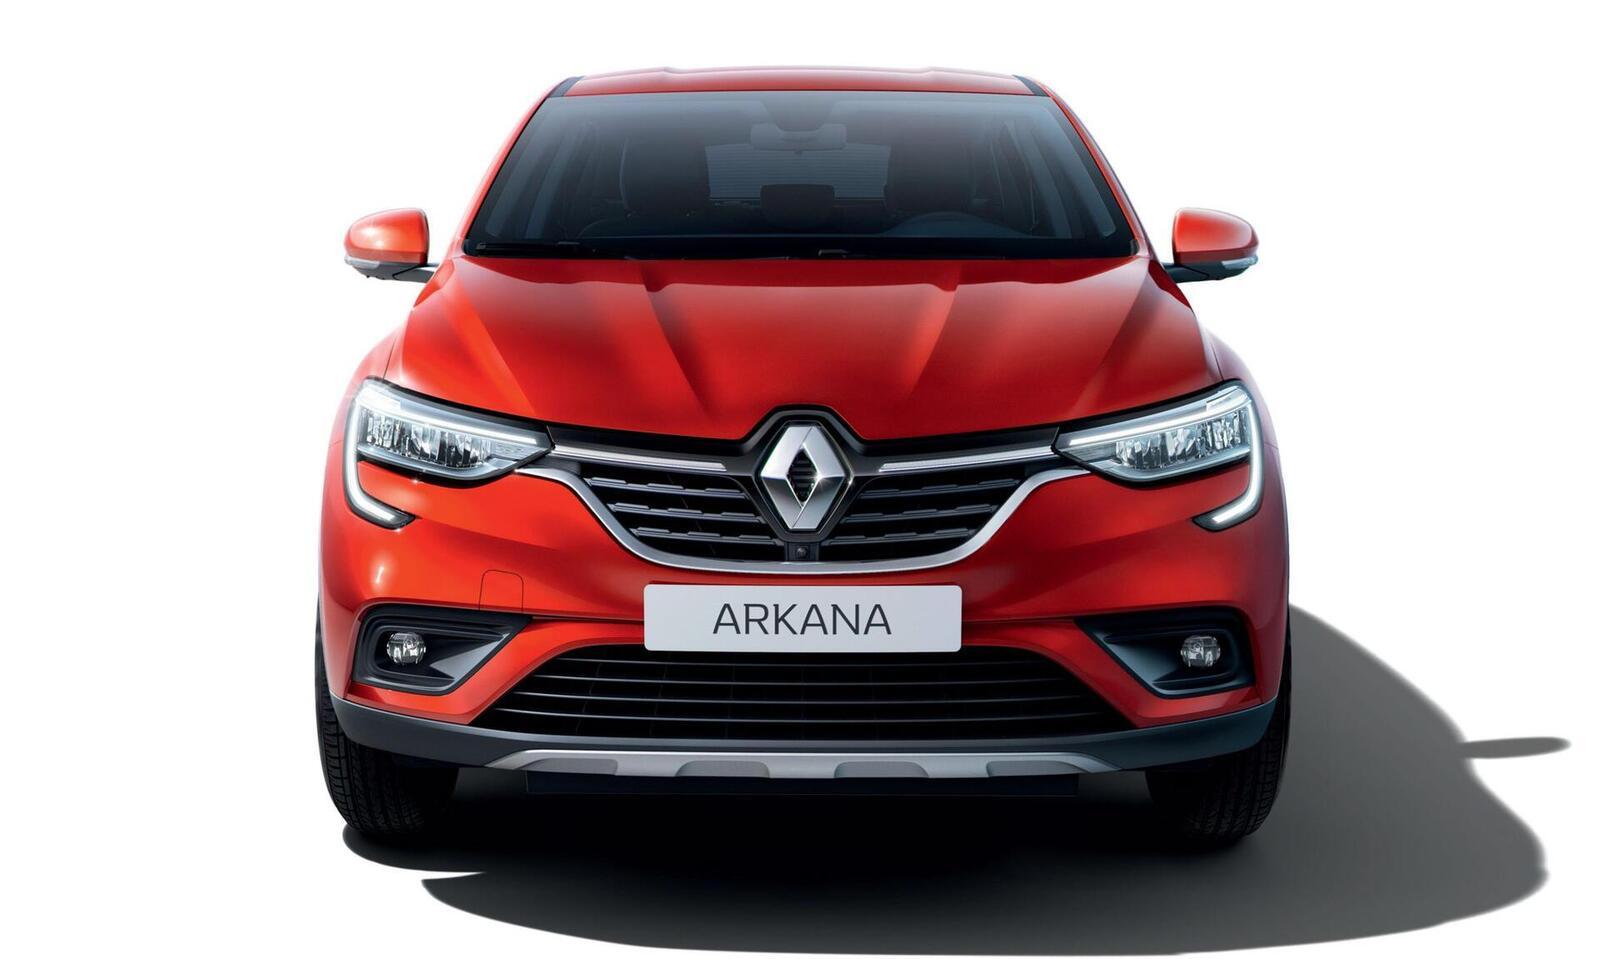 Renault giới thiệu Arkana mới: SUV Coupe mang thiết kế tương tự BMW X6 - Hình 3